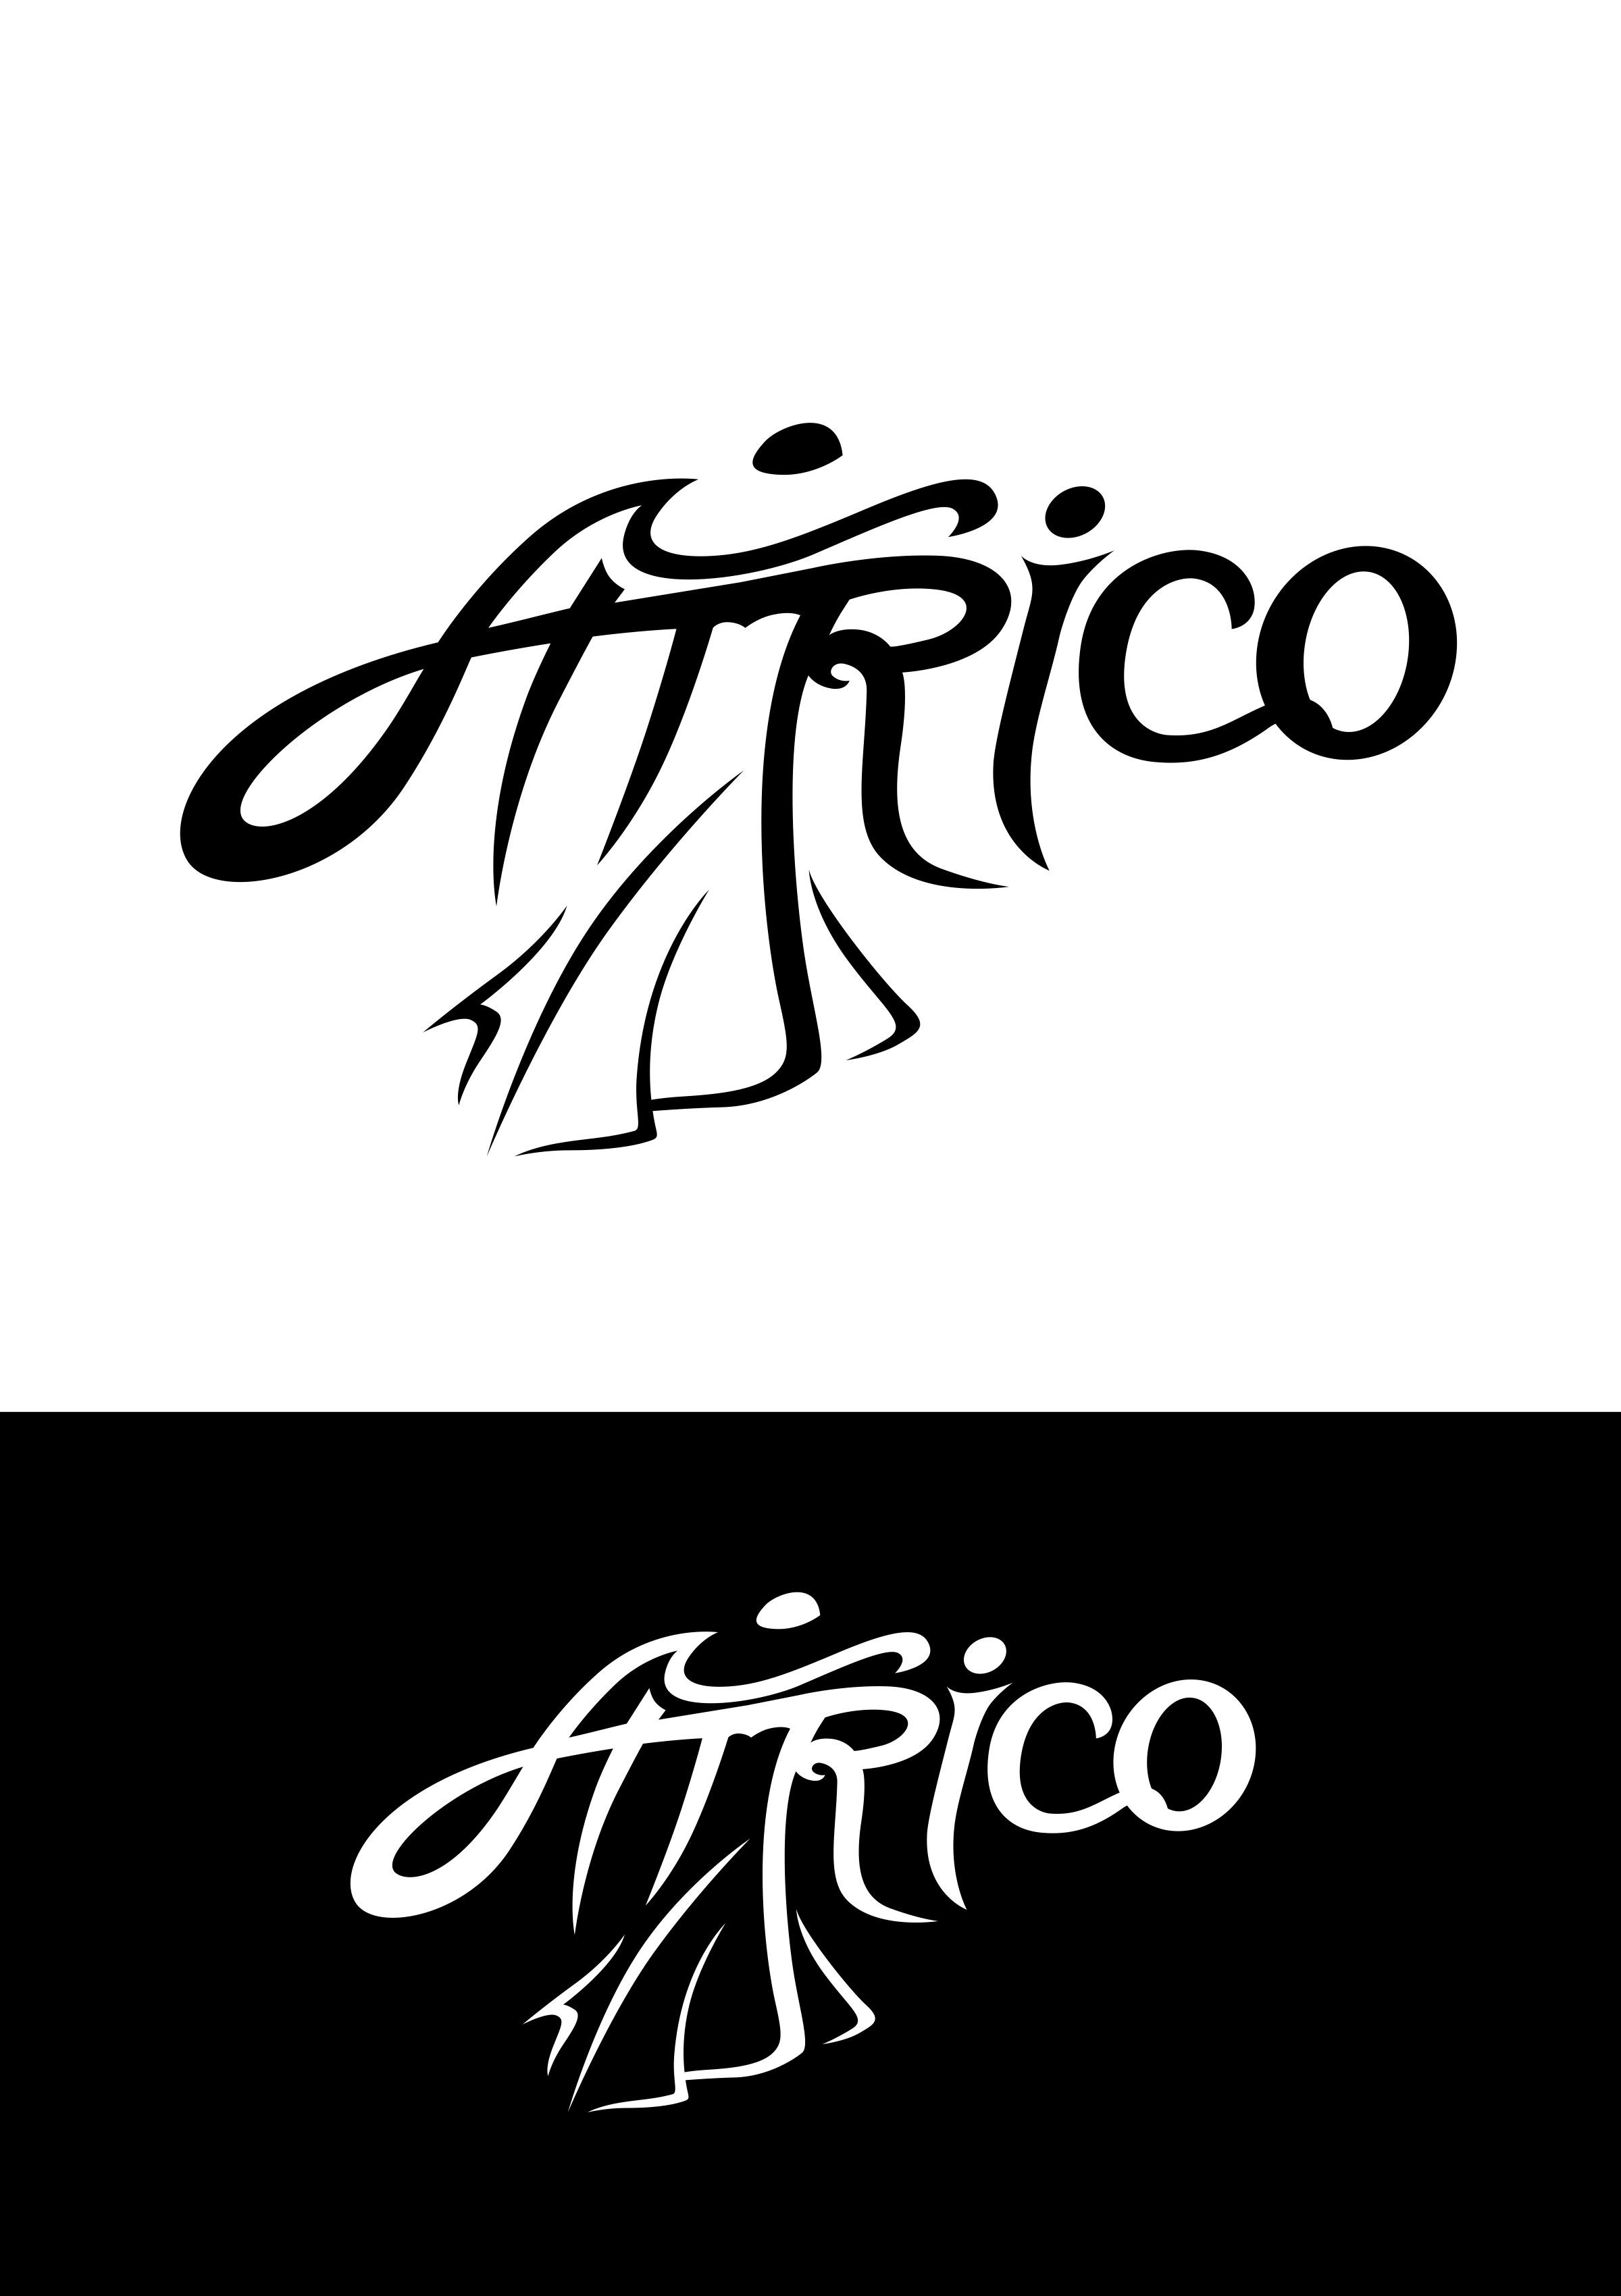 Логотип для брендовой пряжи и трикотажной одежды фото f_6516006edcd023a3.jpg